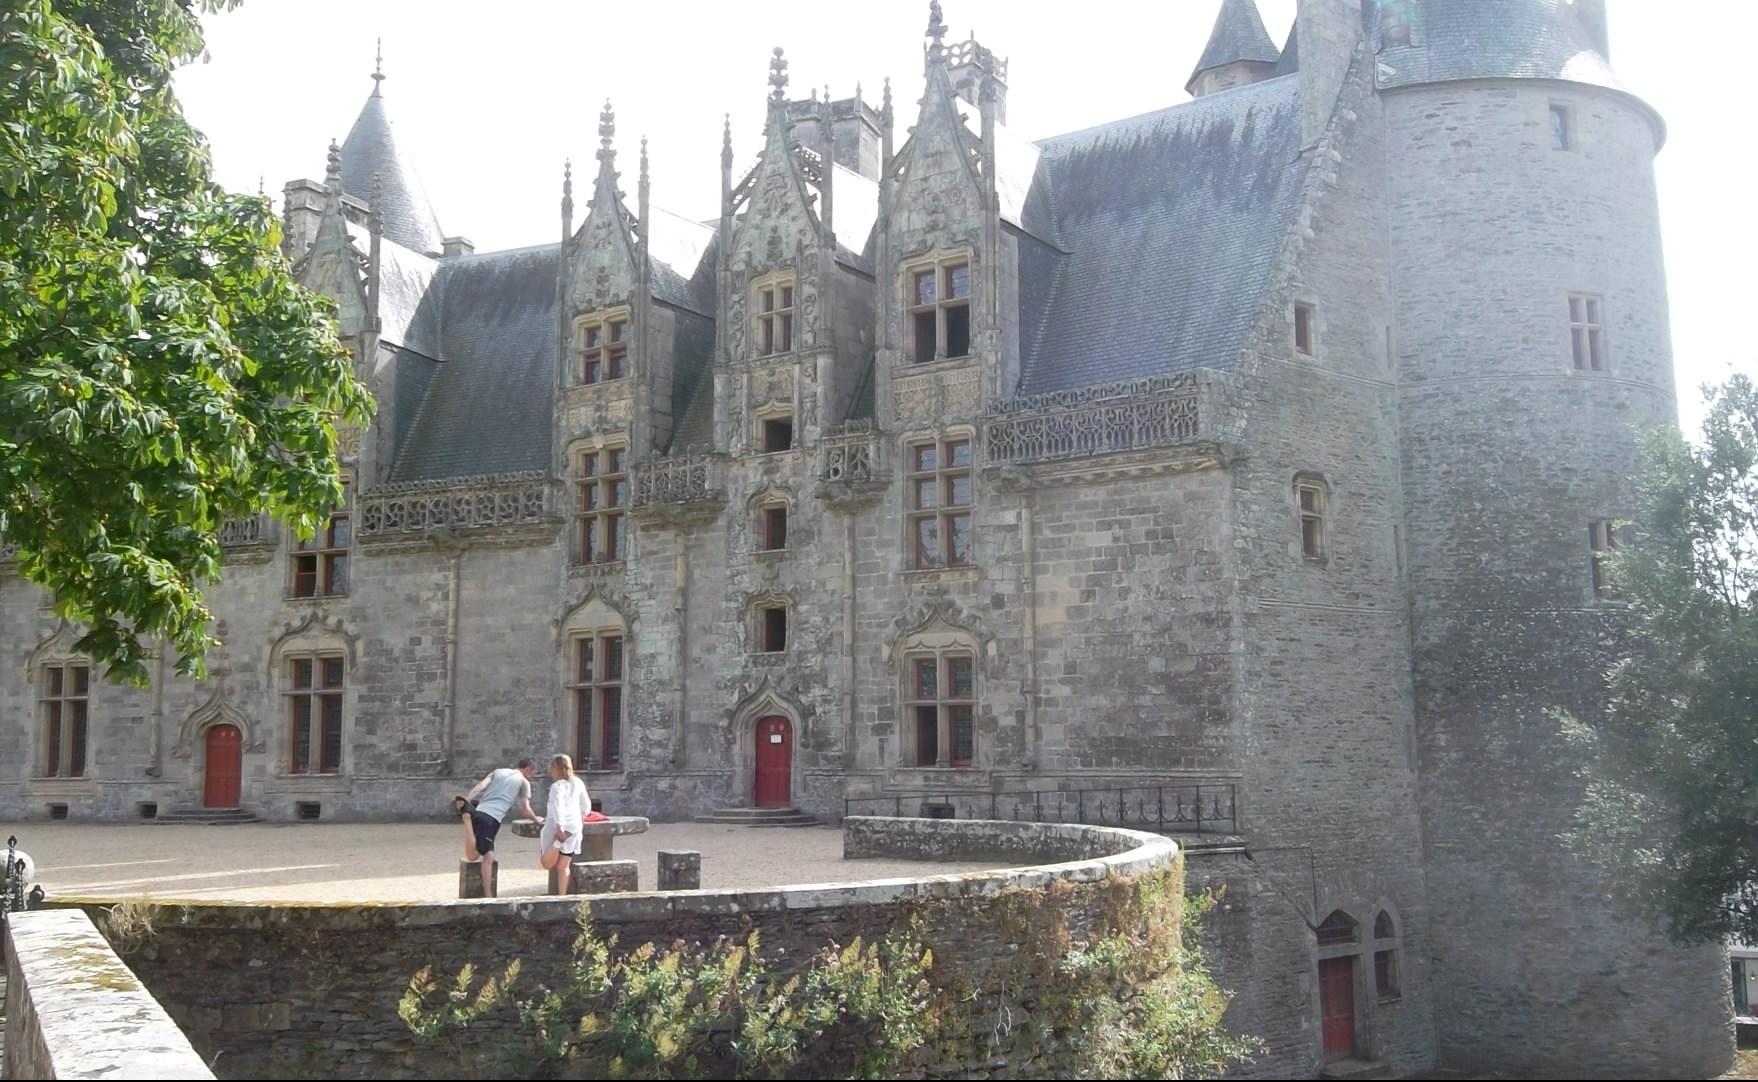 josselin-castle-rohan-right-tower-aug12